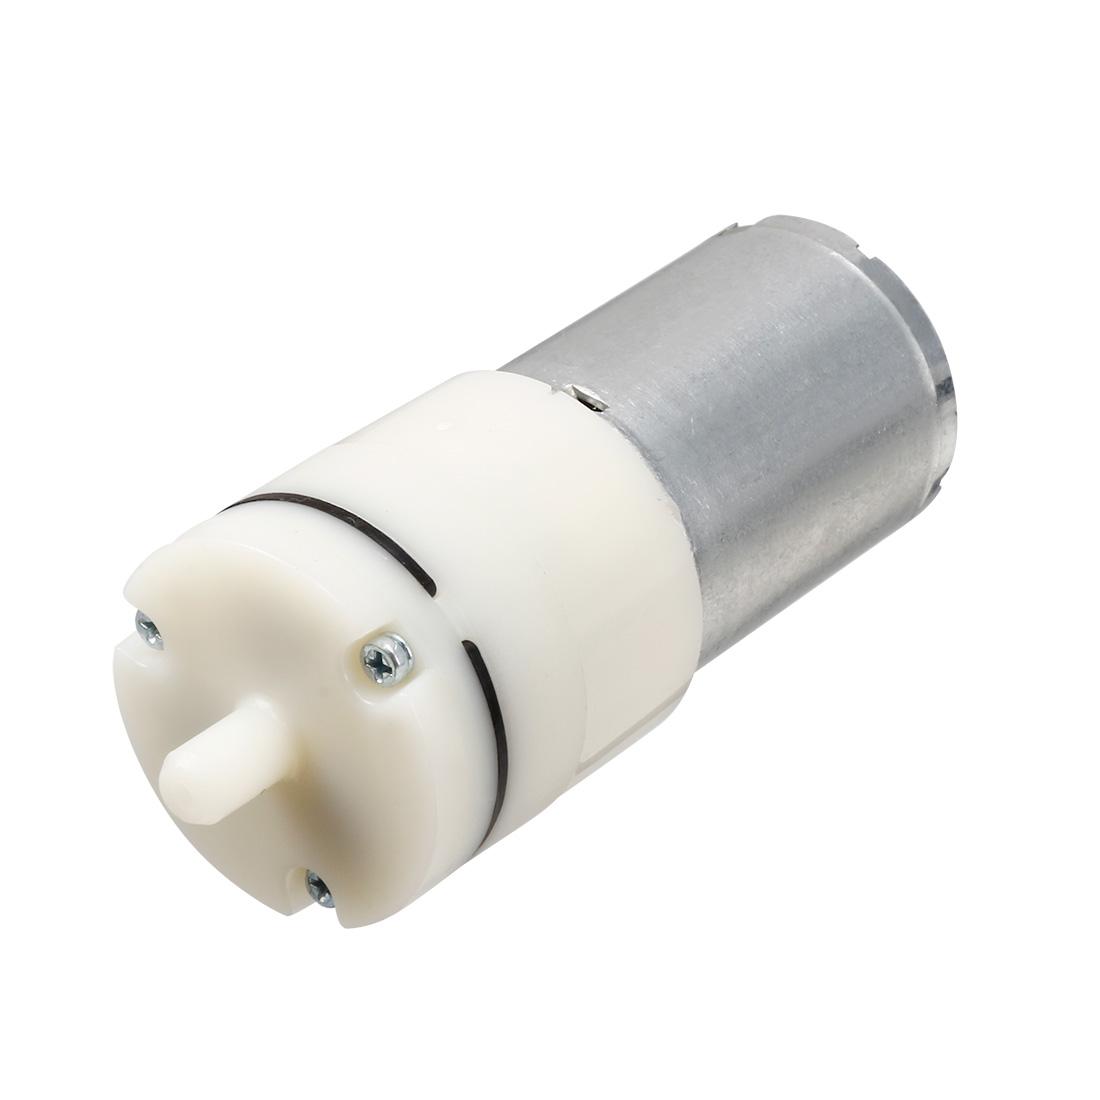 DC 6V Air Pump Motor for Aquarium Tank Oxygen Circulate